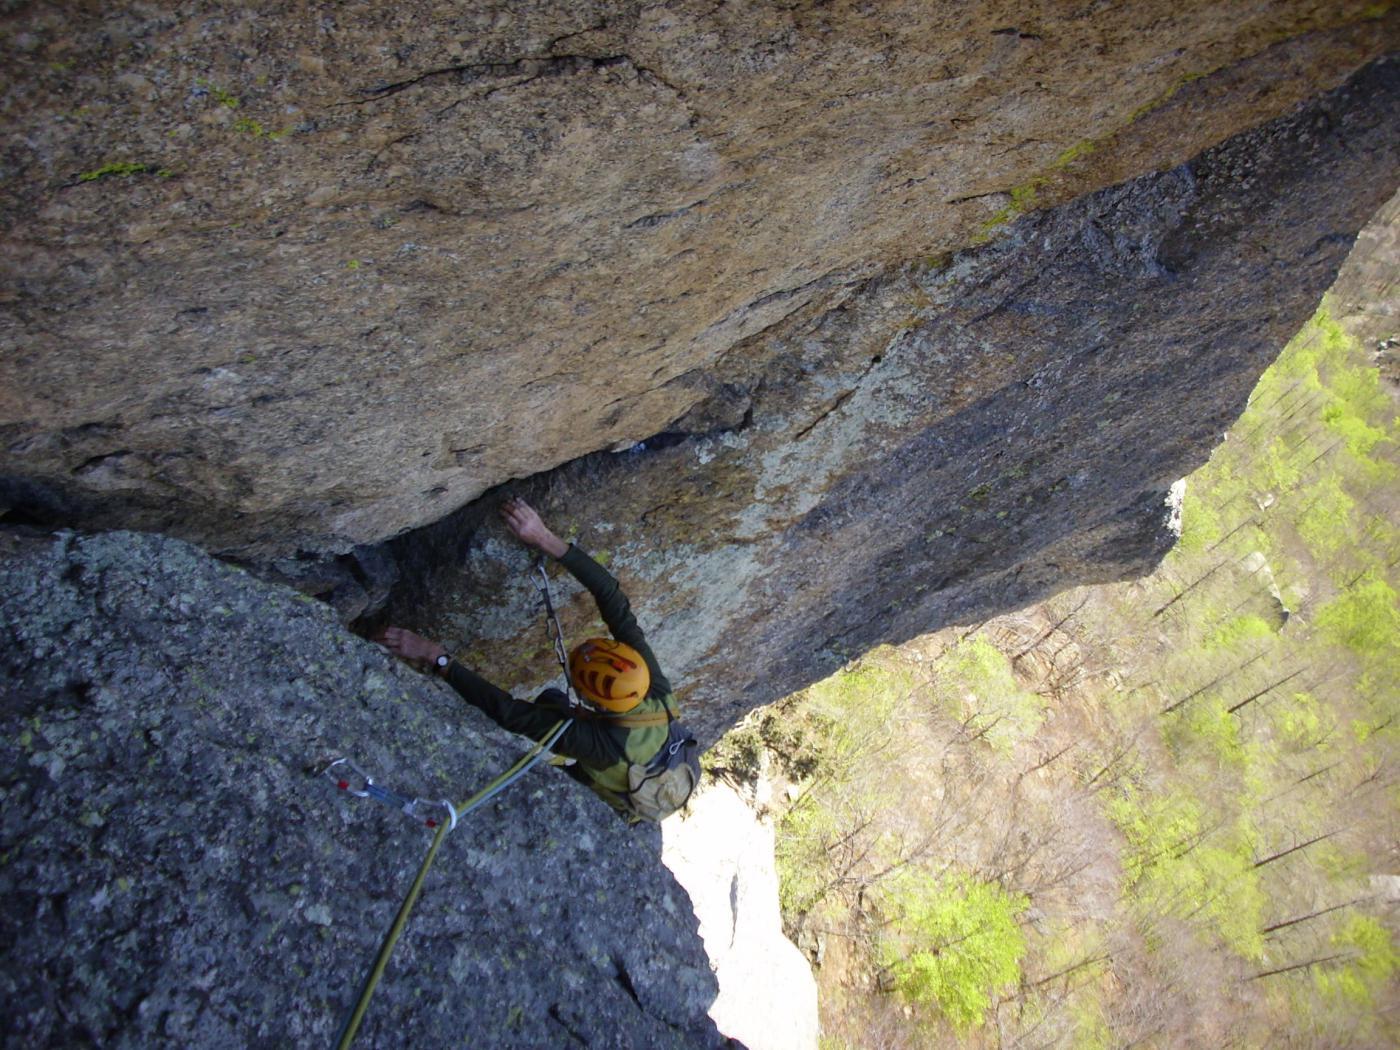 Biollè (Torrioni del) Via del Camino 2015-04-20